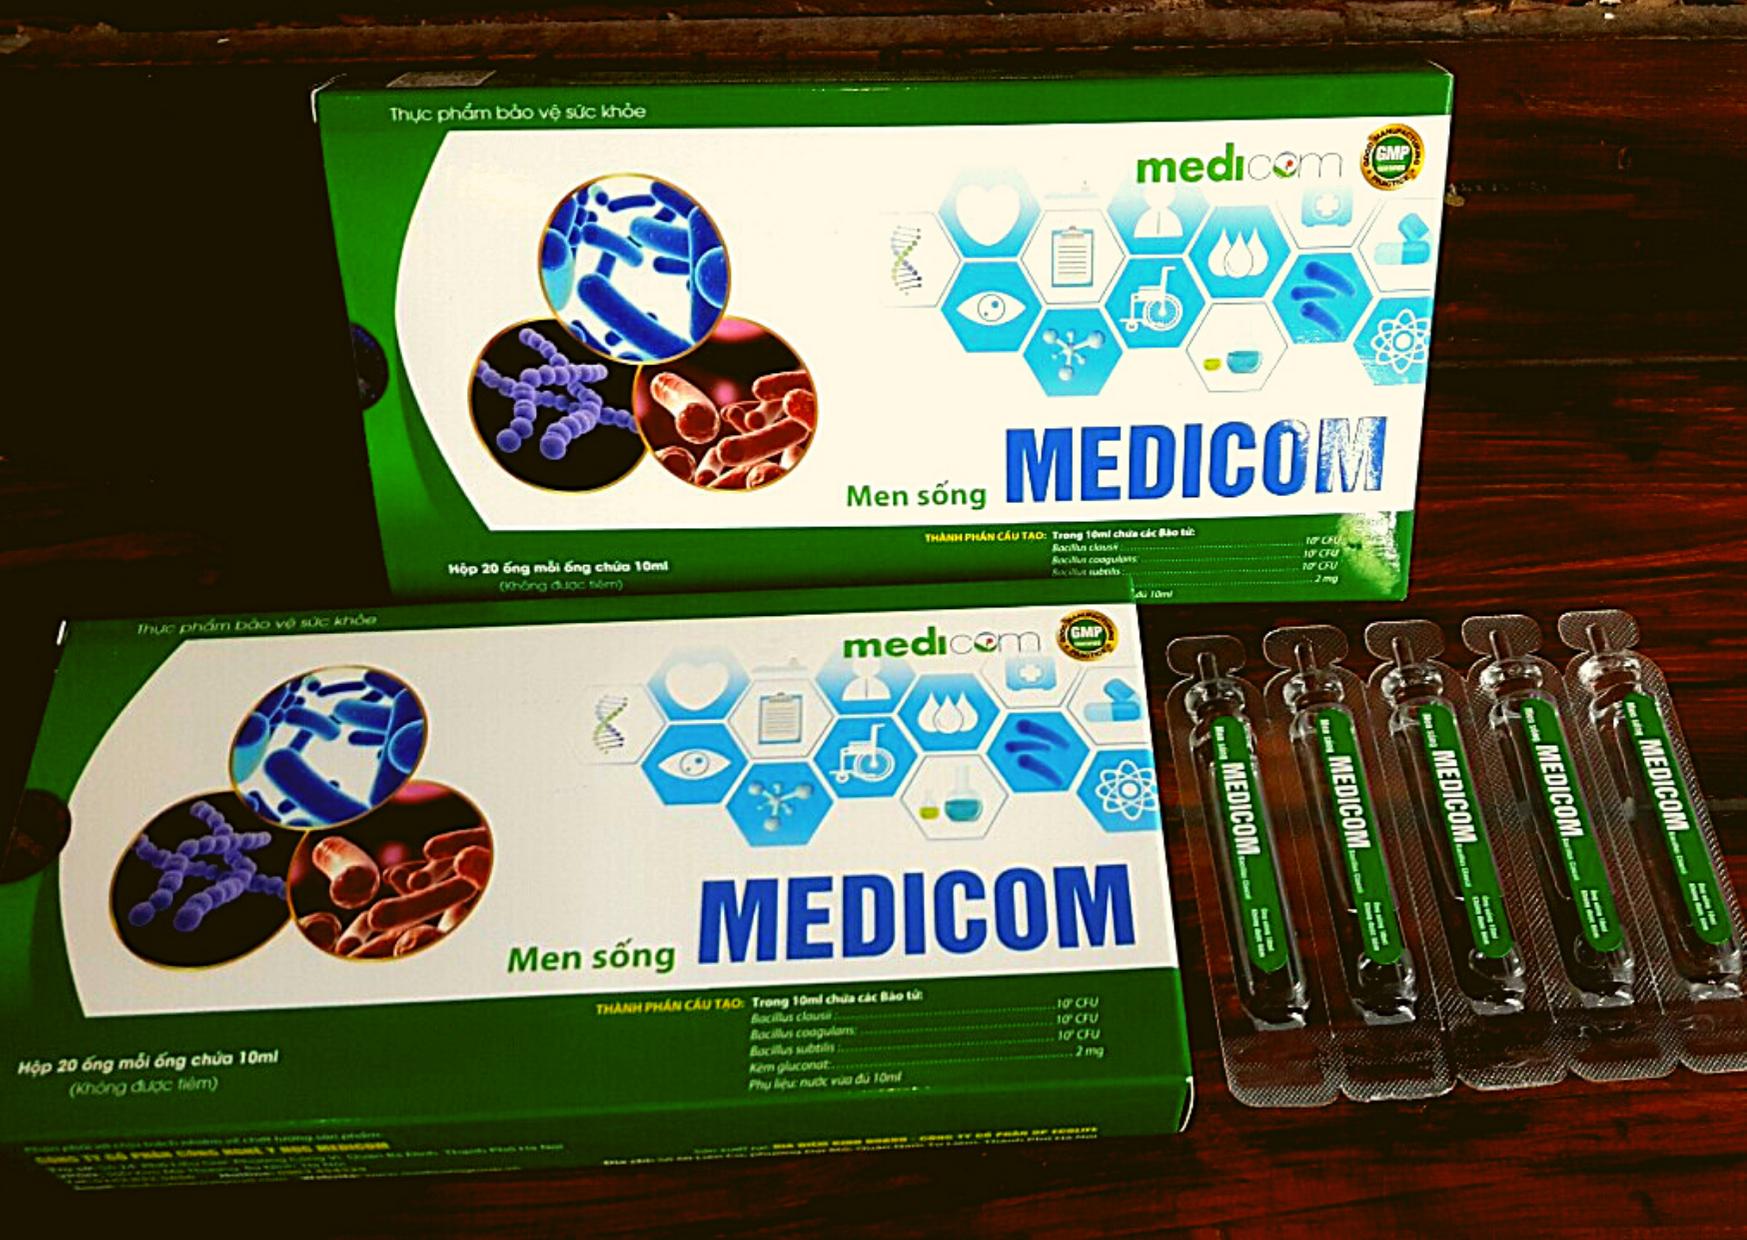 Men sống MEDICOM- Đặc trị táo bón mãn tính